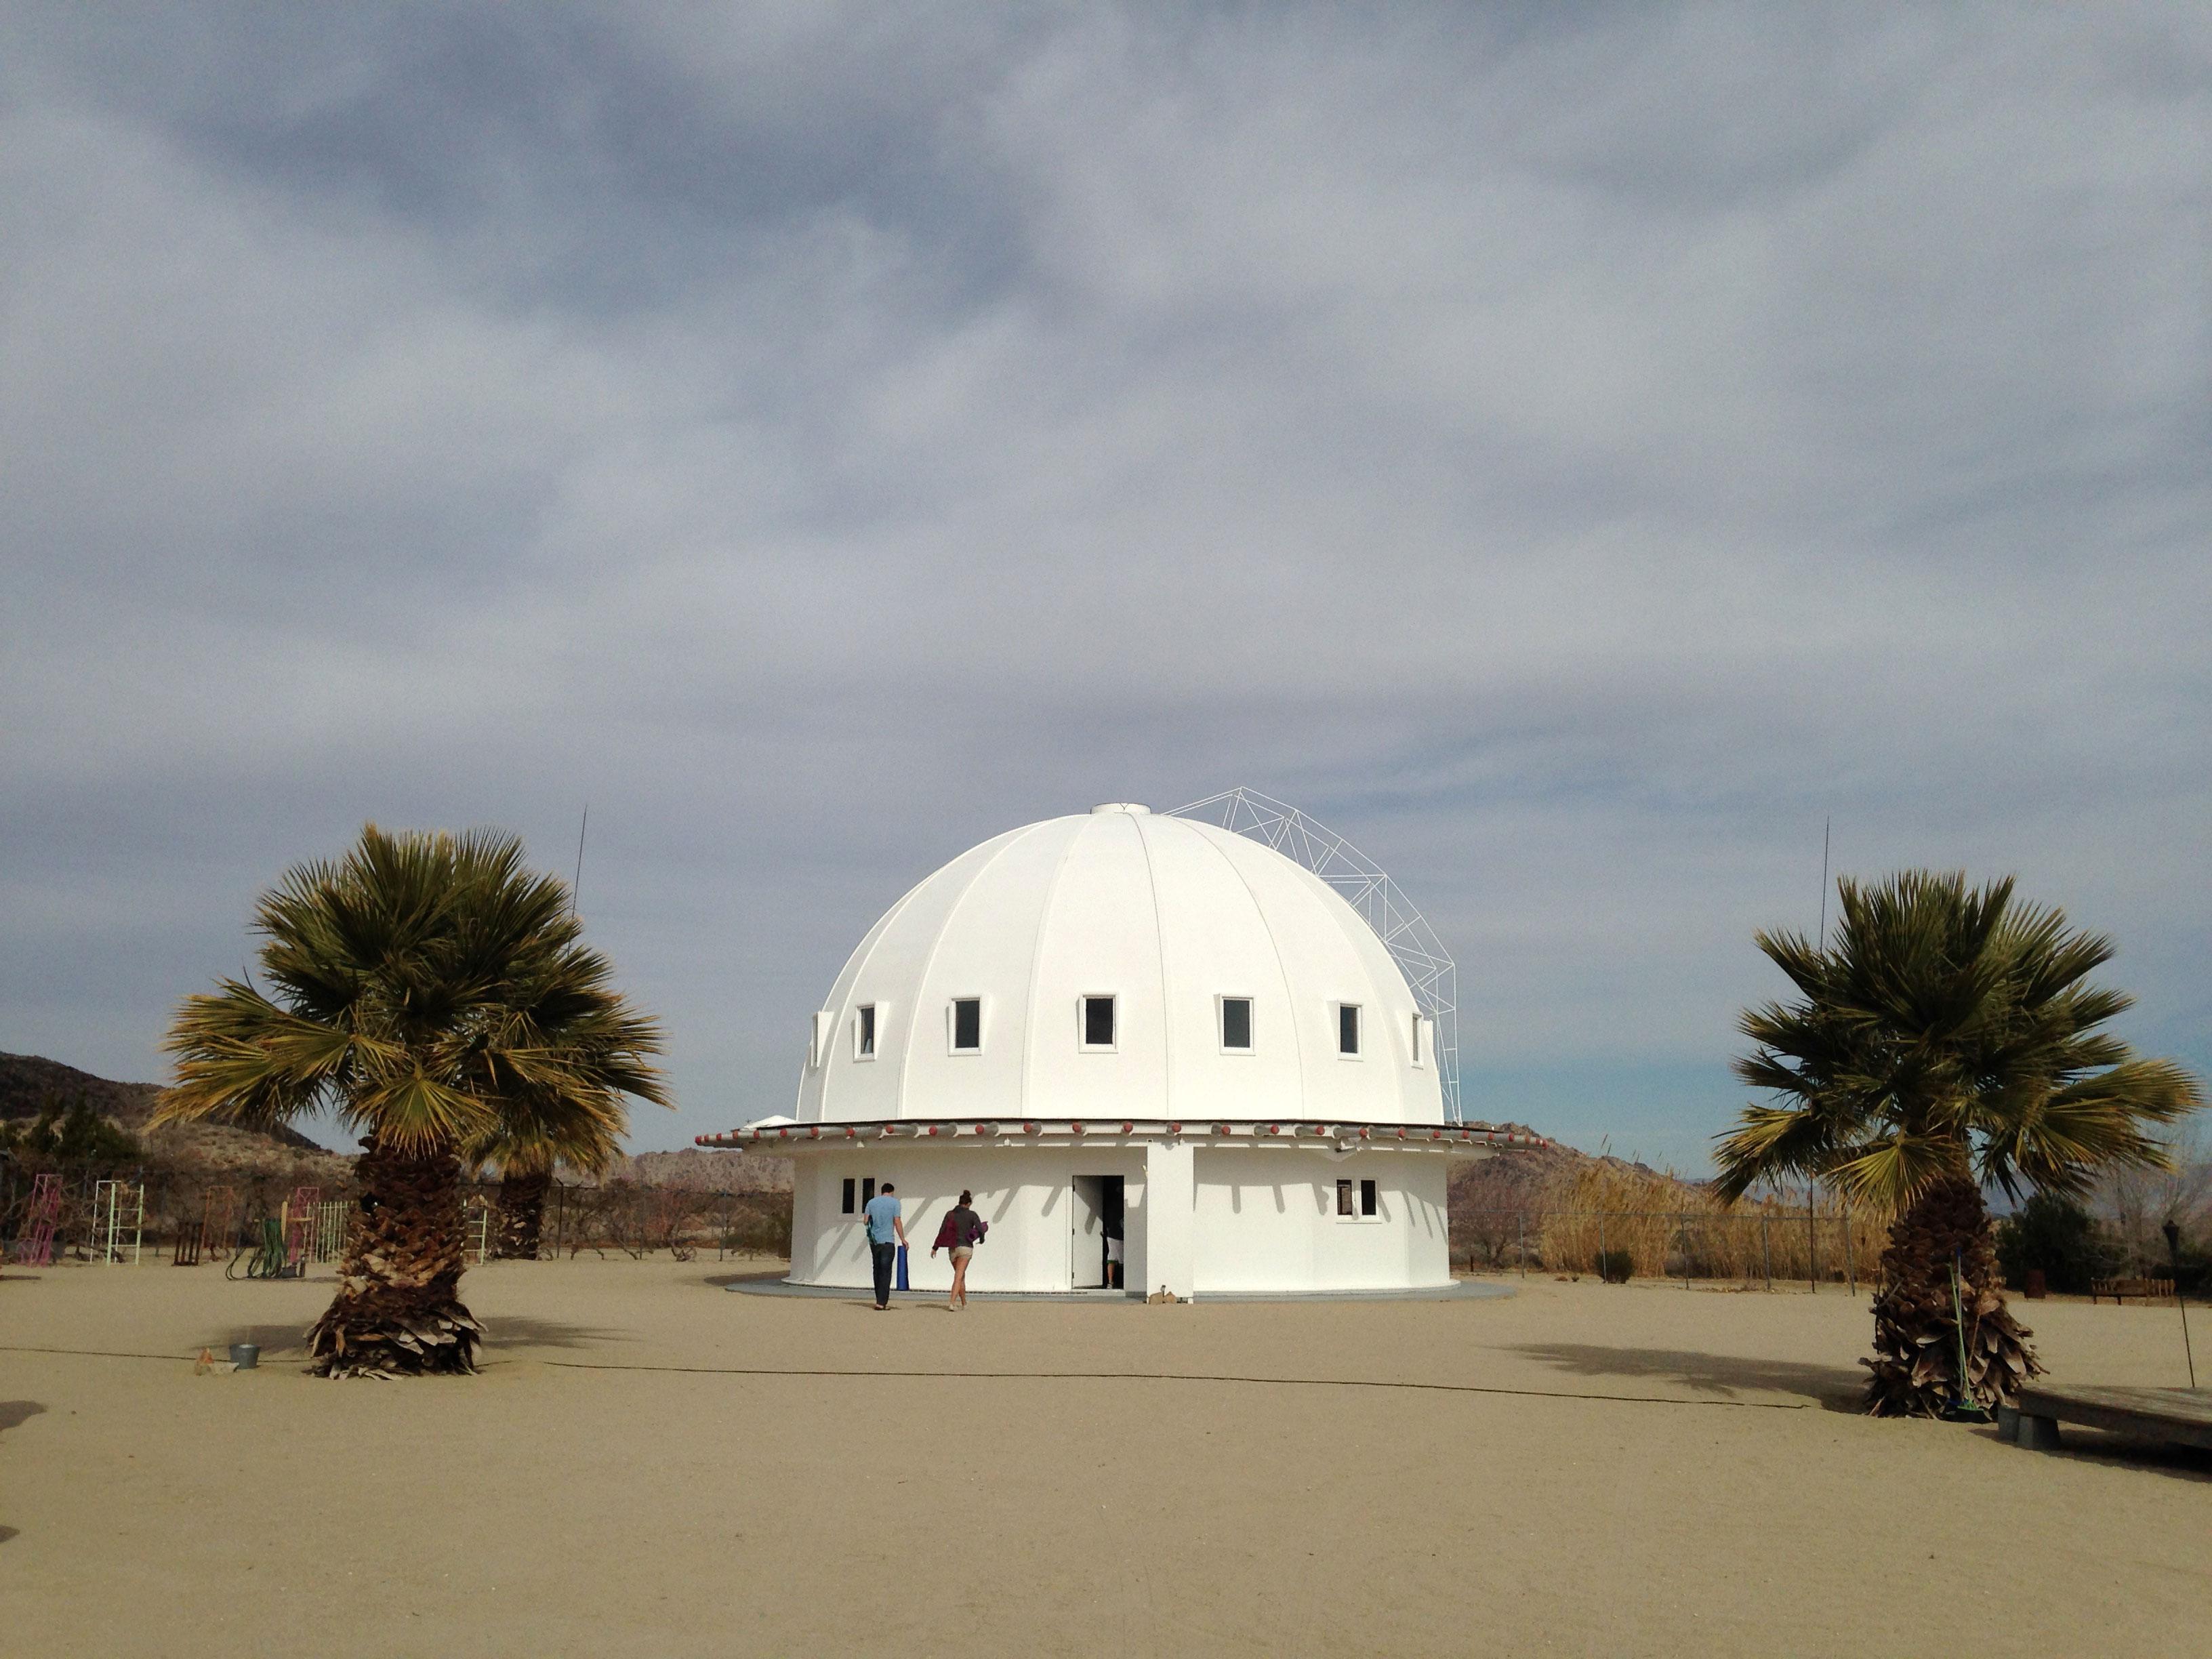 Joshua dome